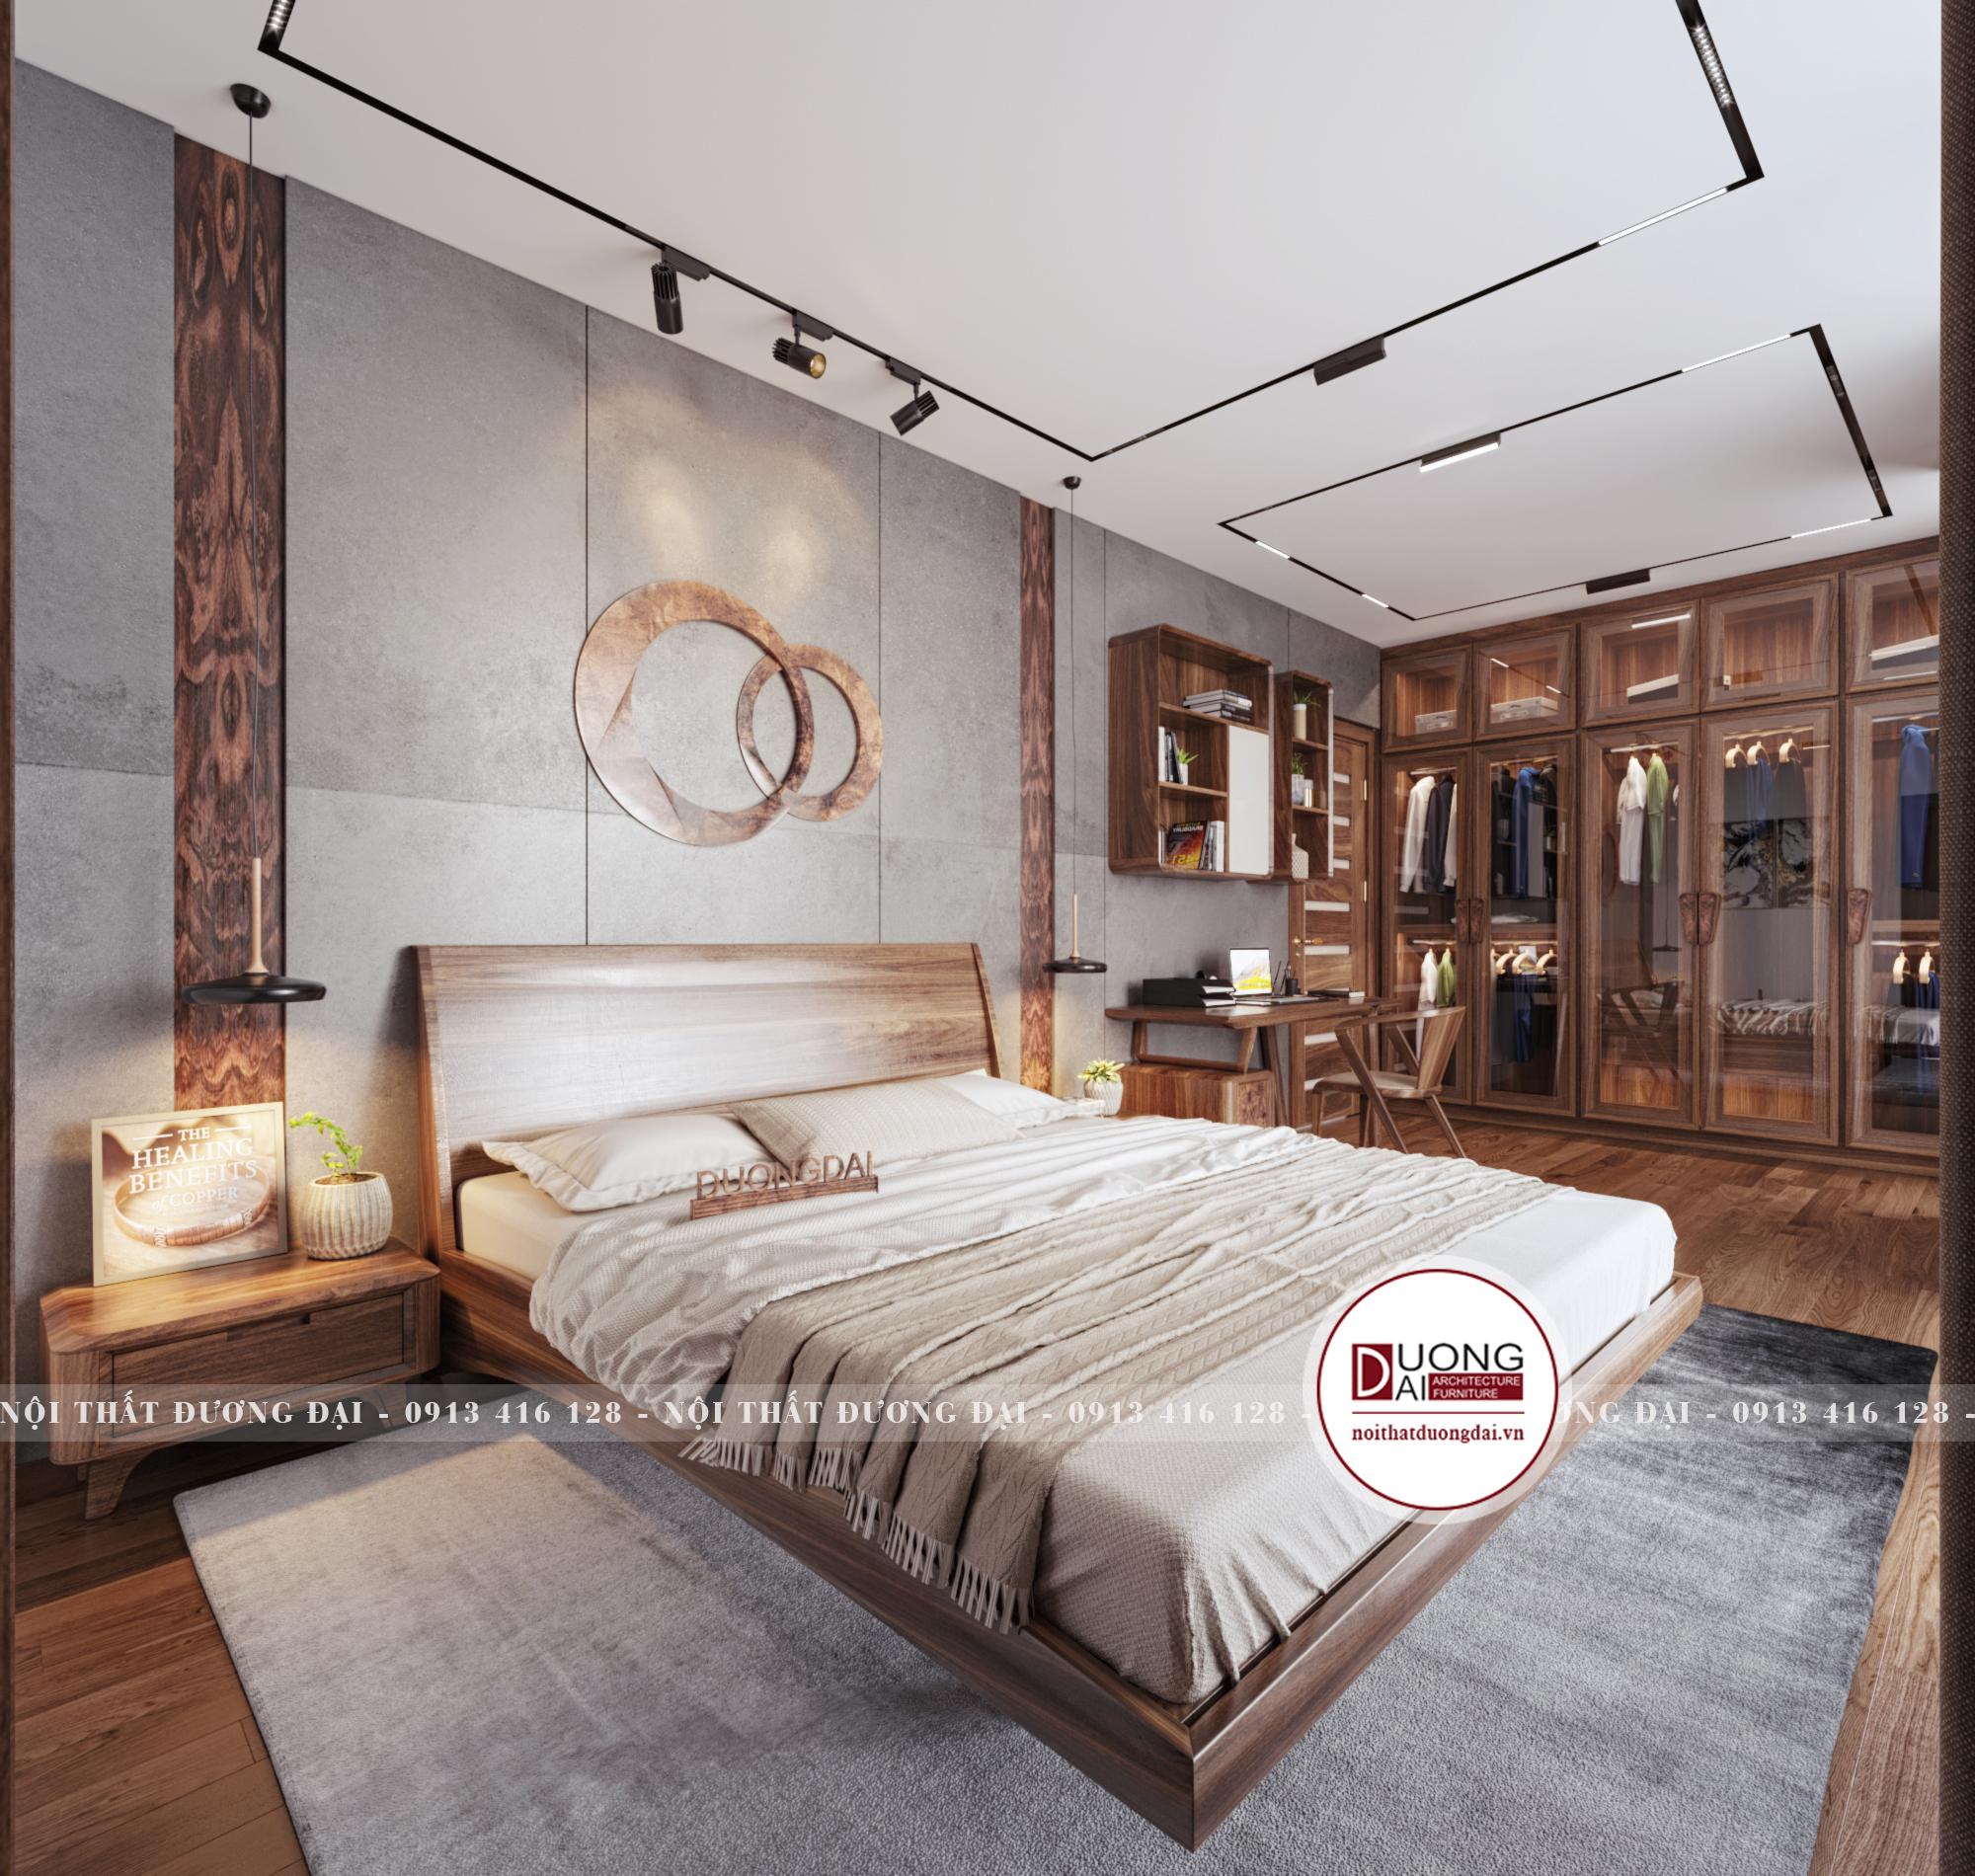 Thiết kế nội thất Chung Cư tại Hà Nội SKY VILLA 01 TẦNG 2 1632153748 10